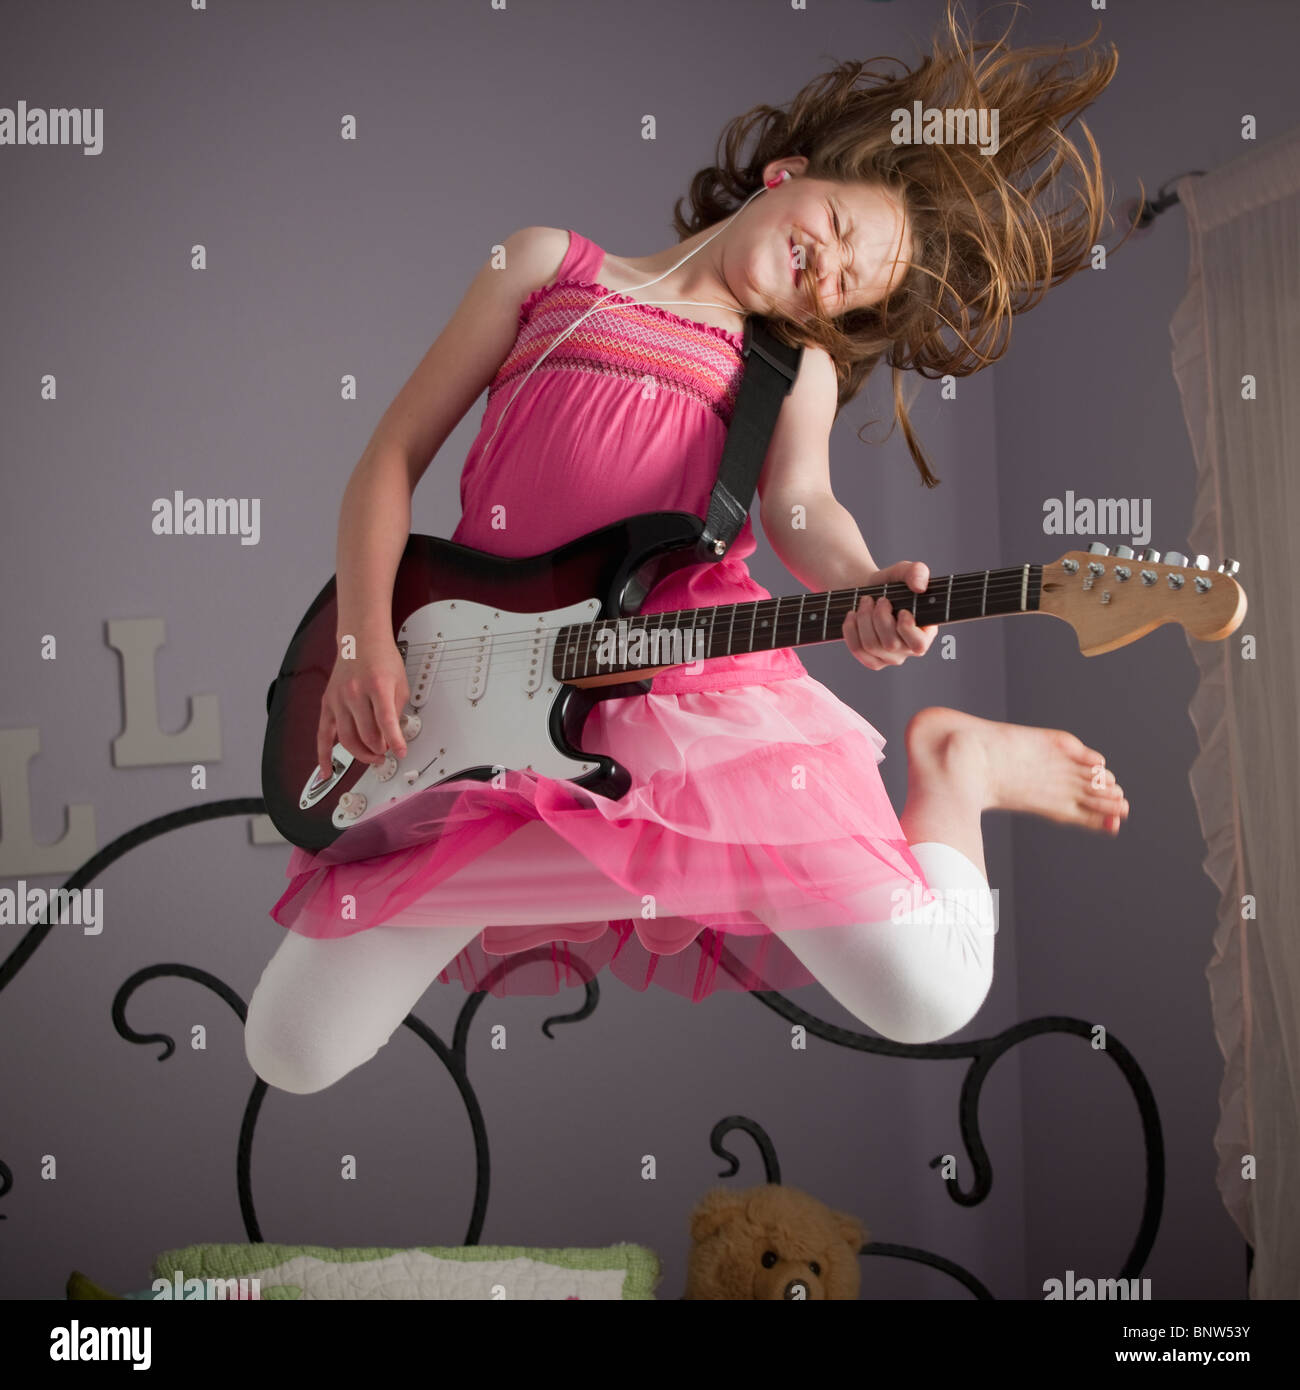 Junge Mädchen, die Gitarre zu spielen, auf ihrem Bett Stockfoto